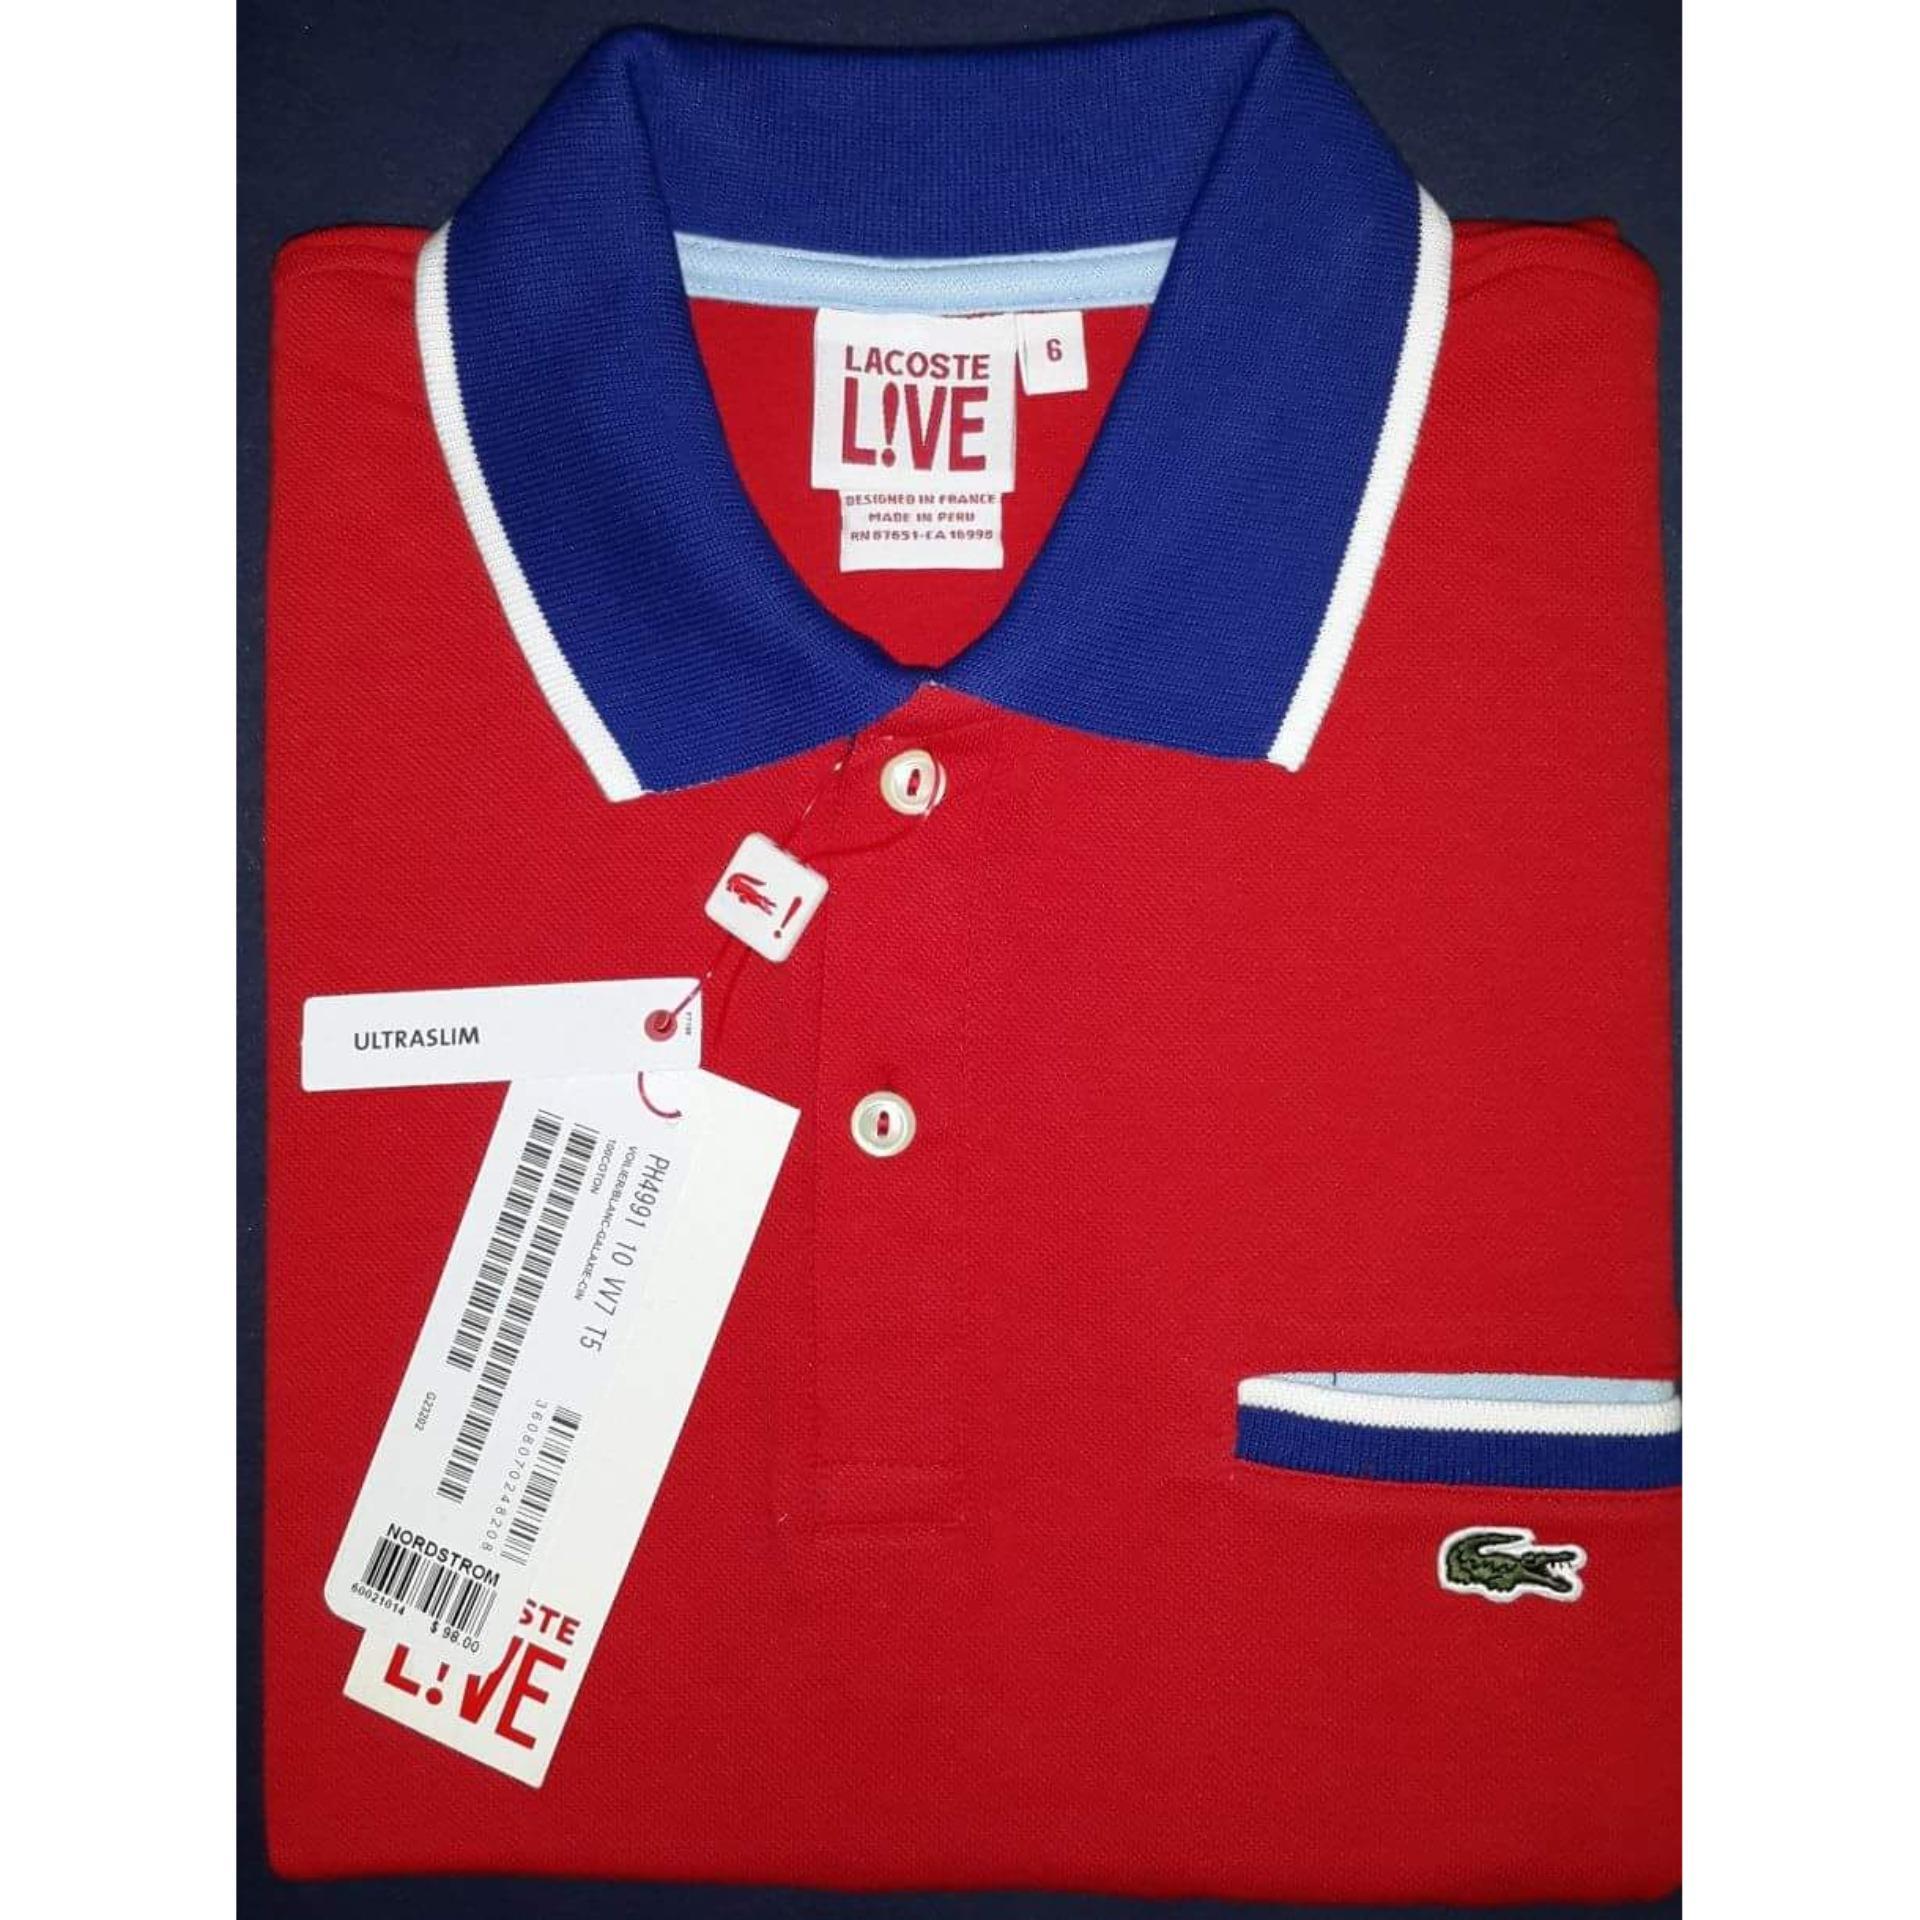 0df4d090d Cheap Lacoste Polo Shirts Mens